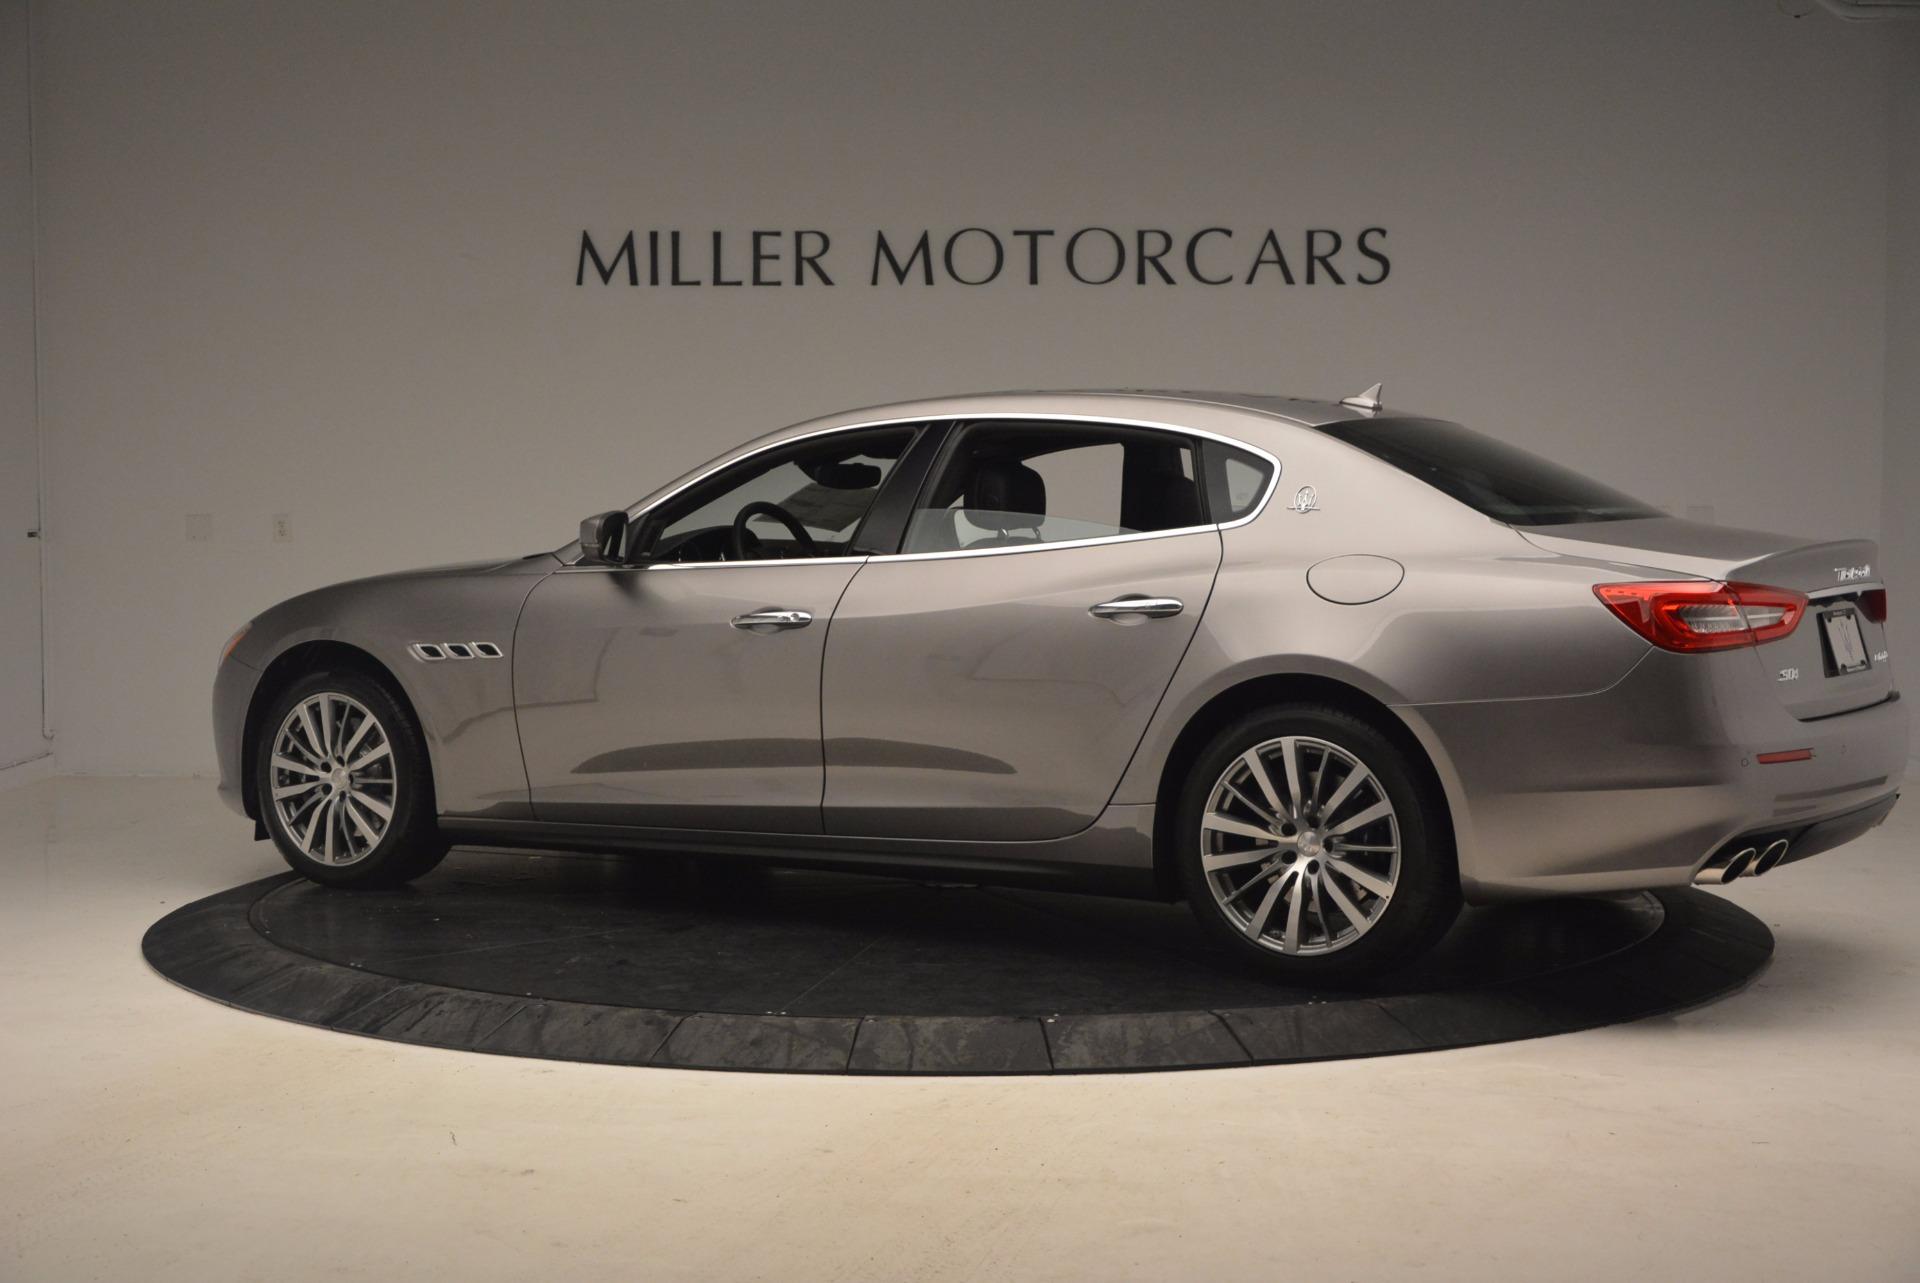 New 2017 Maserati Quattroporte SQ4 For Sale In Greenwich, CT 1066_p4